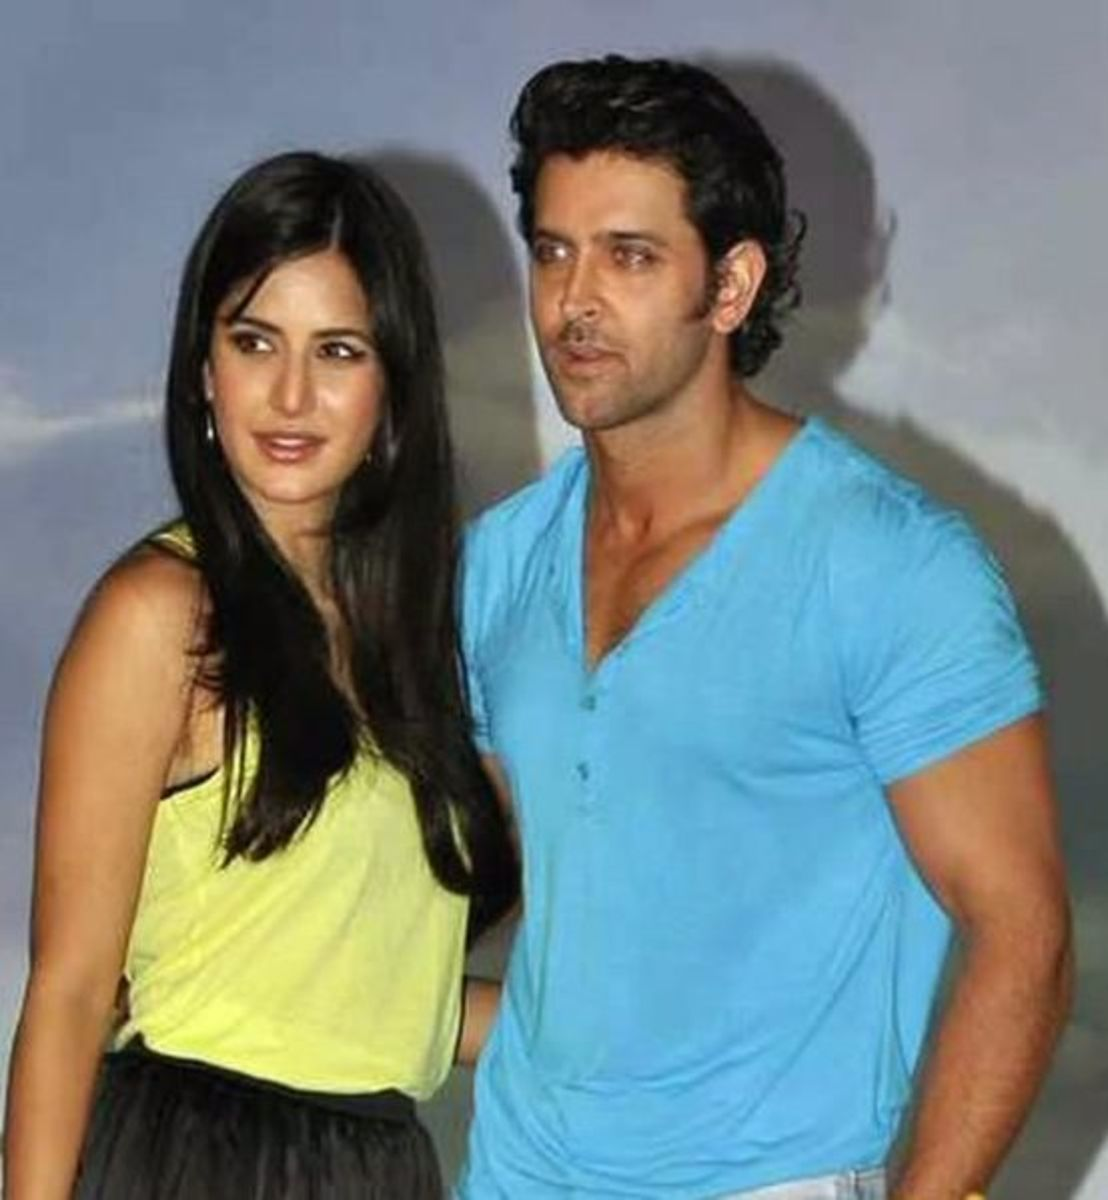 Bollywood Actress Katrina Kaif and Hrithik roshan